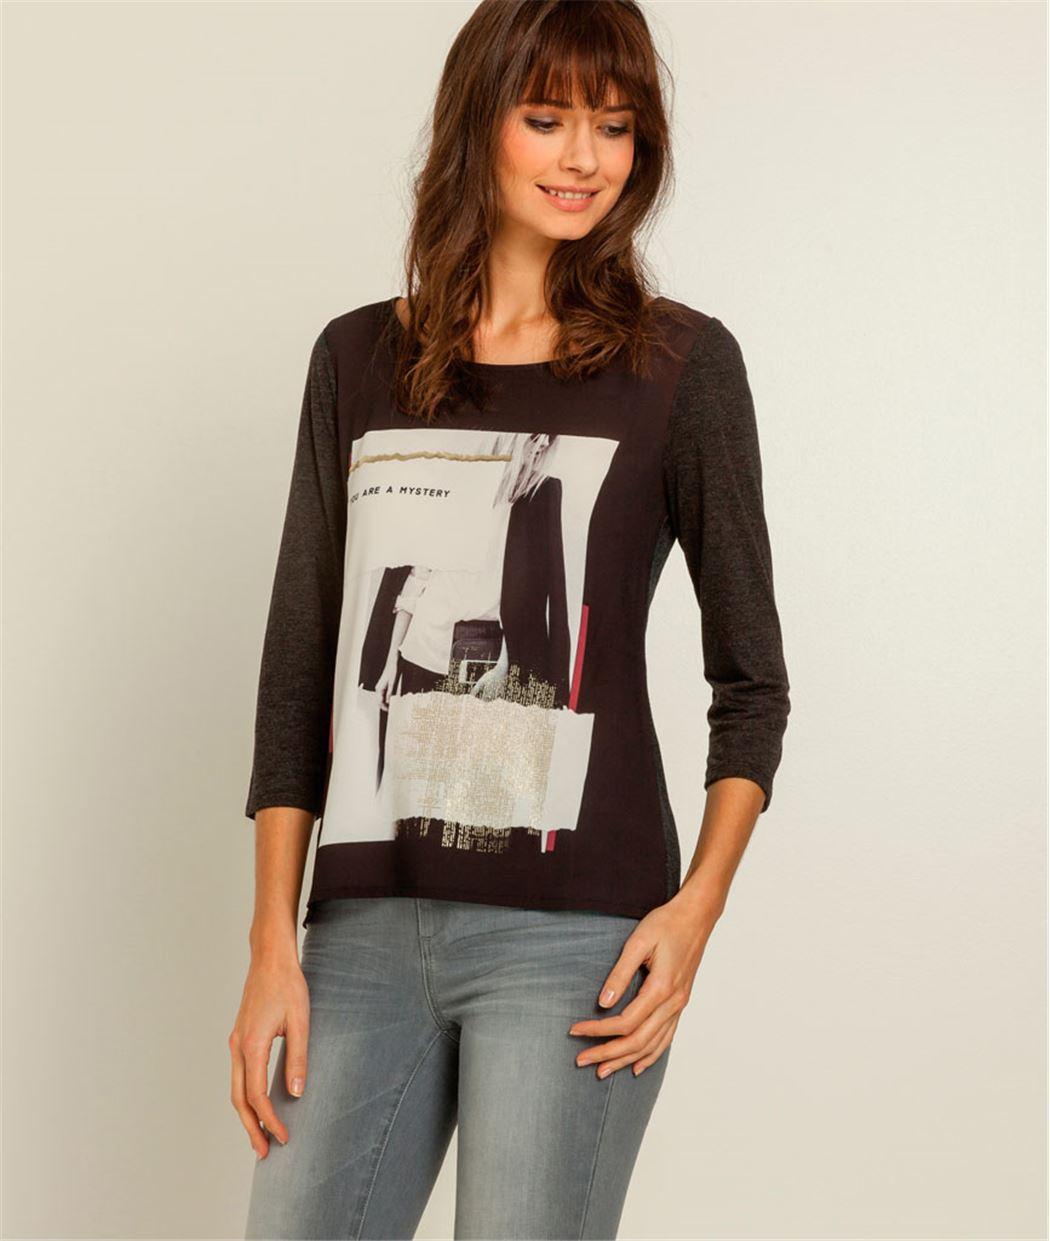 T-shirt femme bimatière imprimé photo NOIR